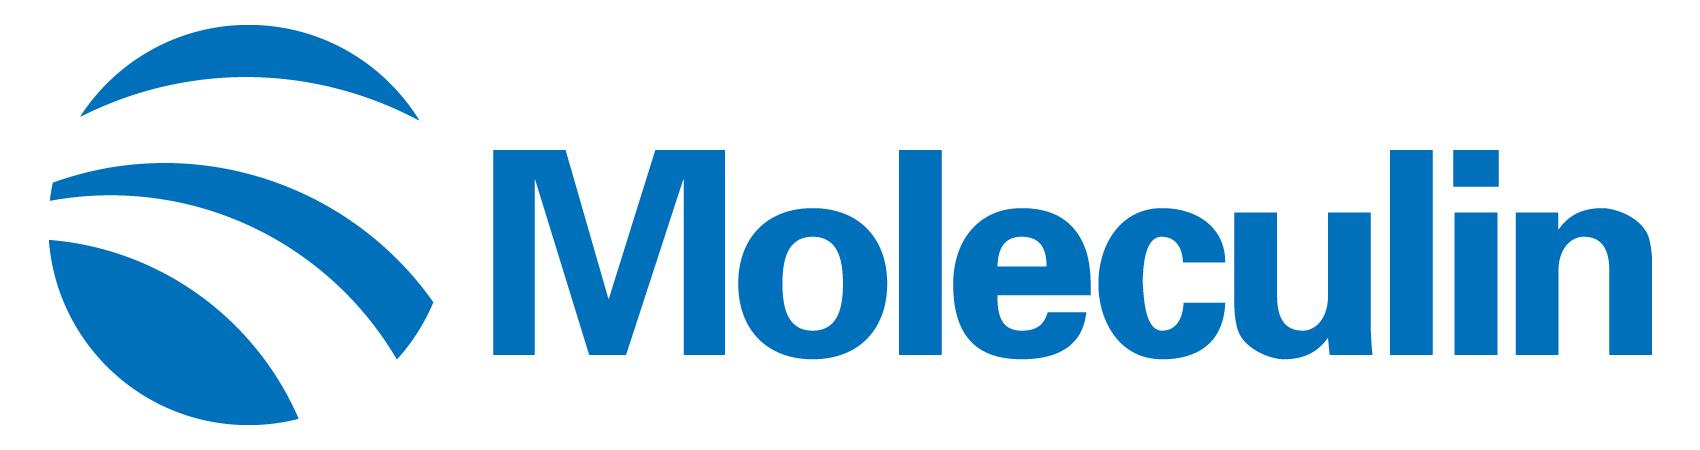 moleculin-logo_horiza22.jpg